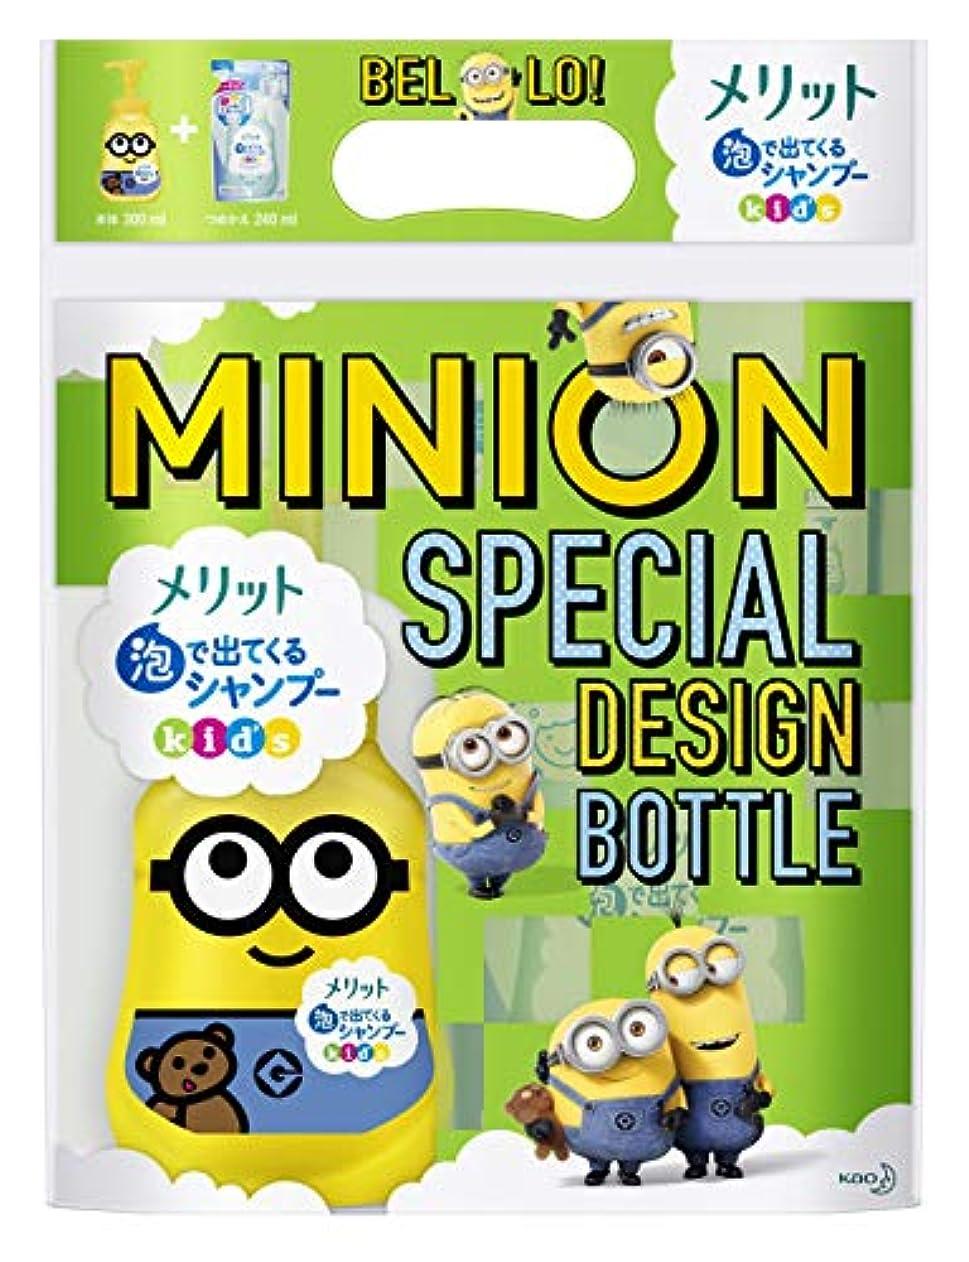 説明ハブブにメリット 泡で出てくるシャンプー キッズ ミニオン スペシャルデザインボトル [ Minion Special Design Bottle ] + つめかえ用セット (デザインボトル300ml+つめかえ用240ml)